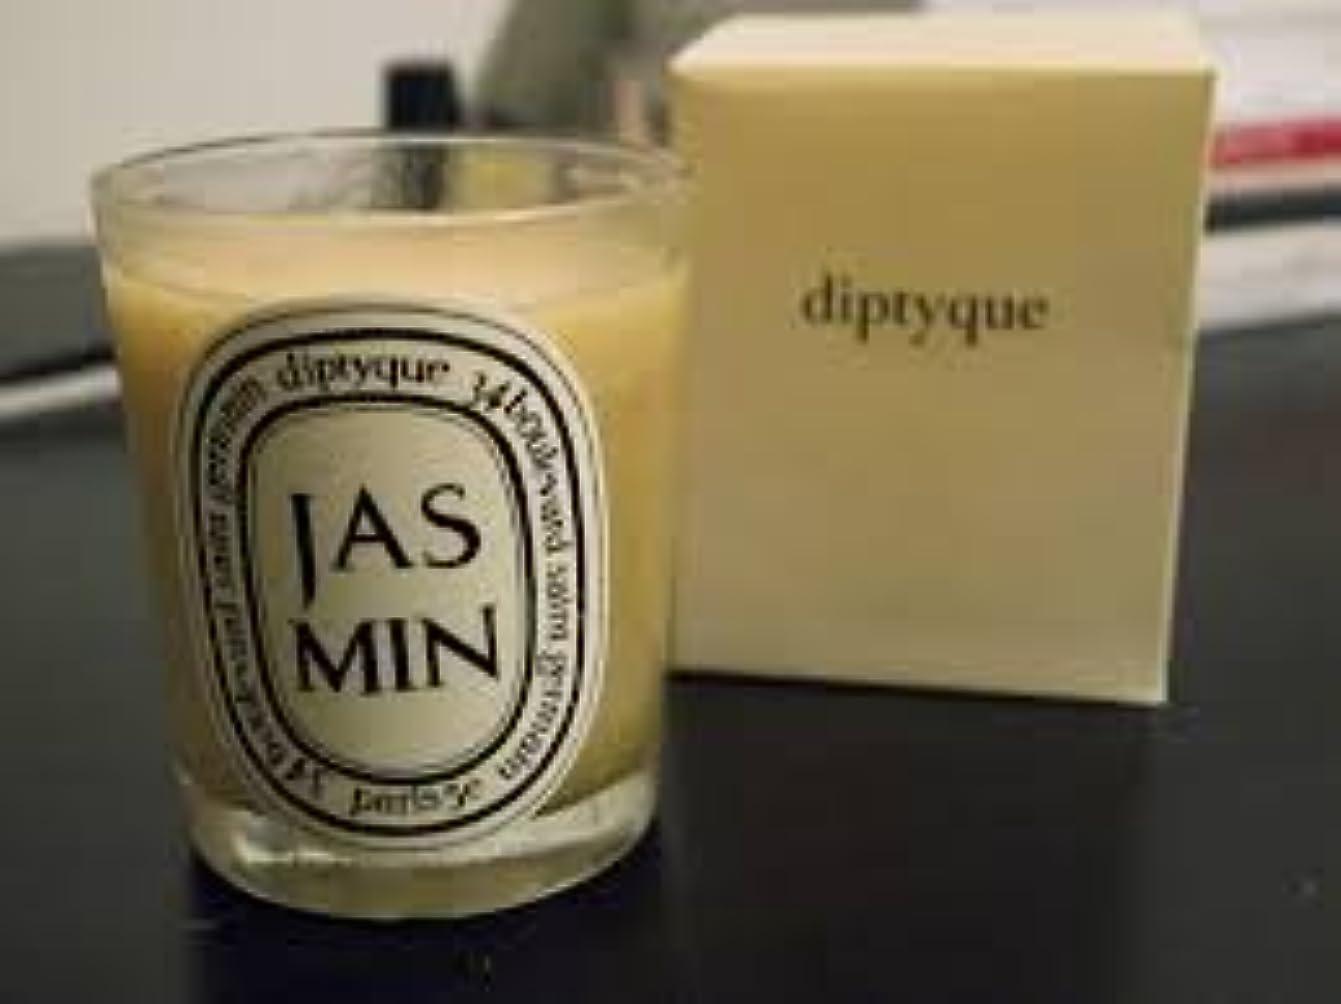 発火する深くアラバマDiptyque Jasmin Candle (ディプティック ジャスミン キャンドル) 2.4 oz (70g)